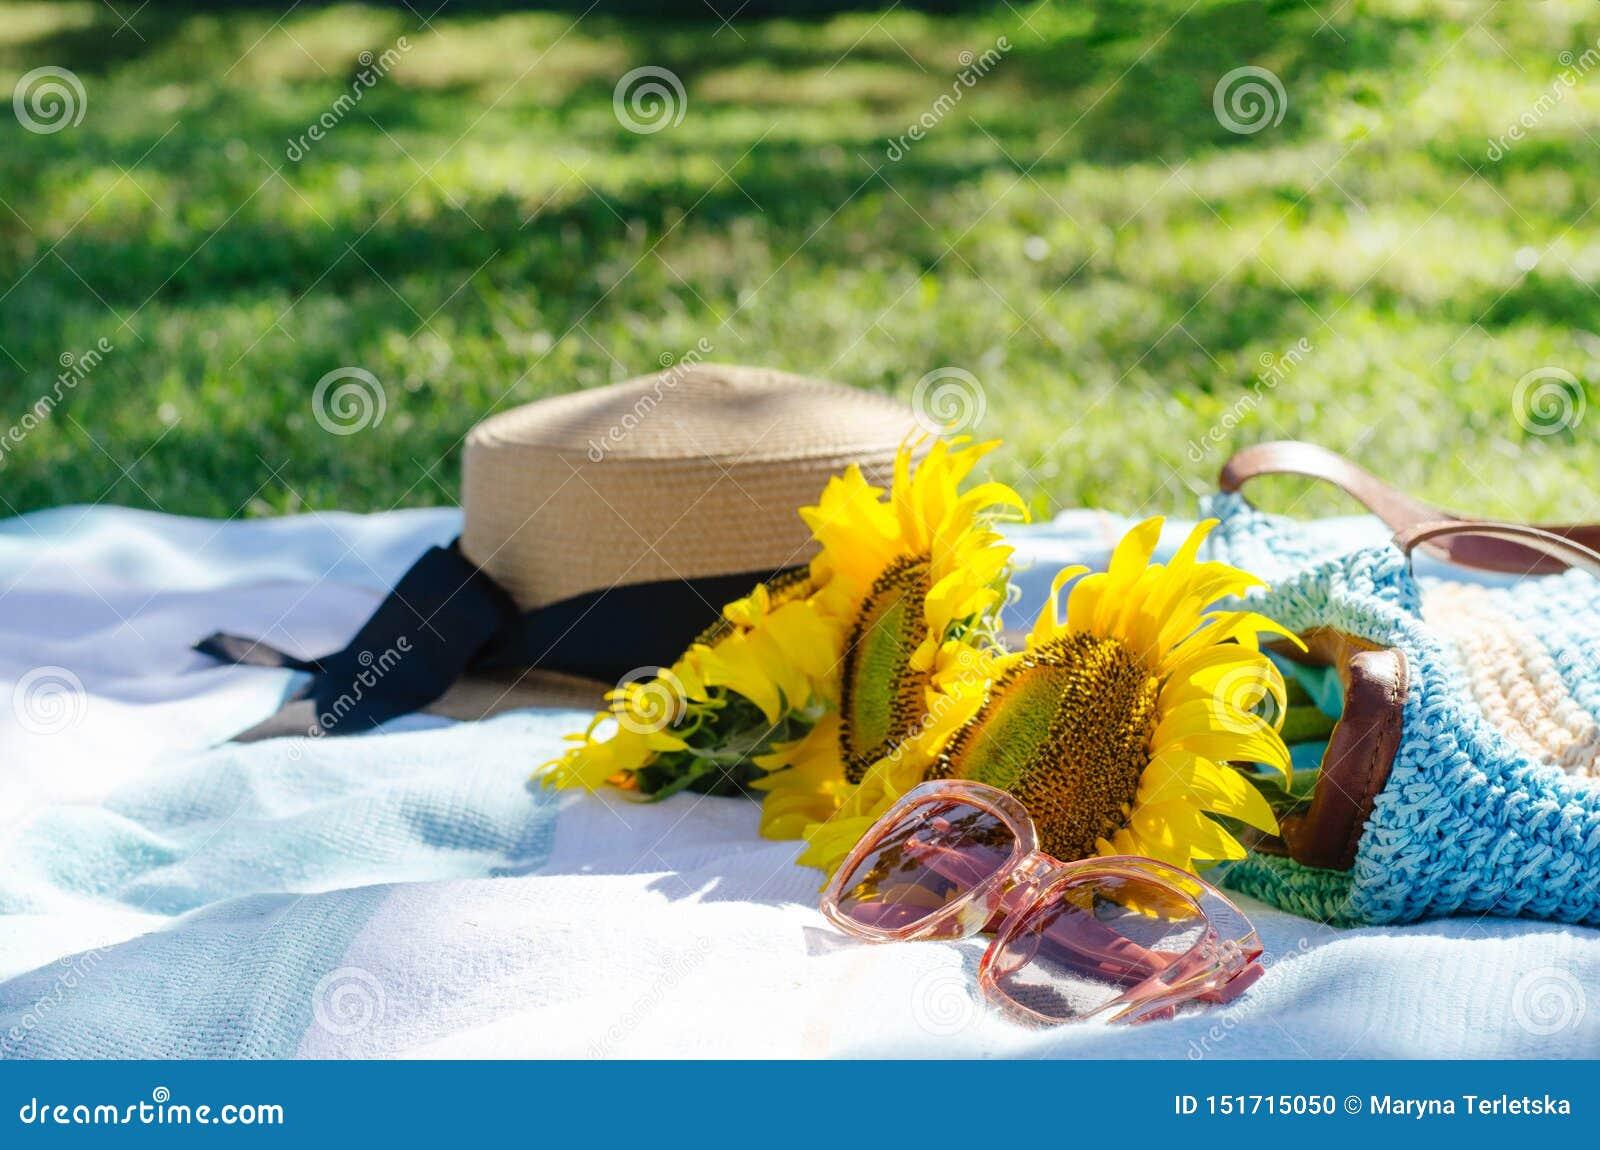 Comida campestre del verano en la hierba verde con los accesorios brillantes